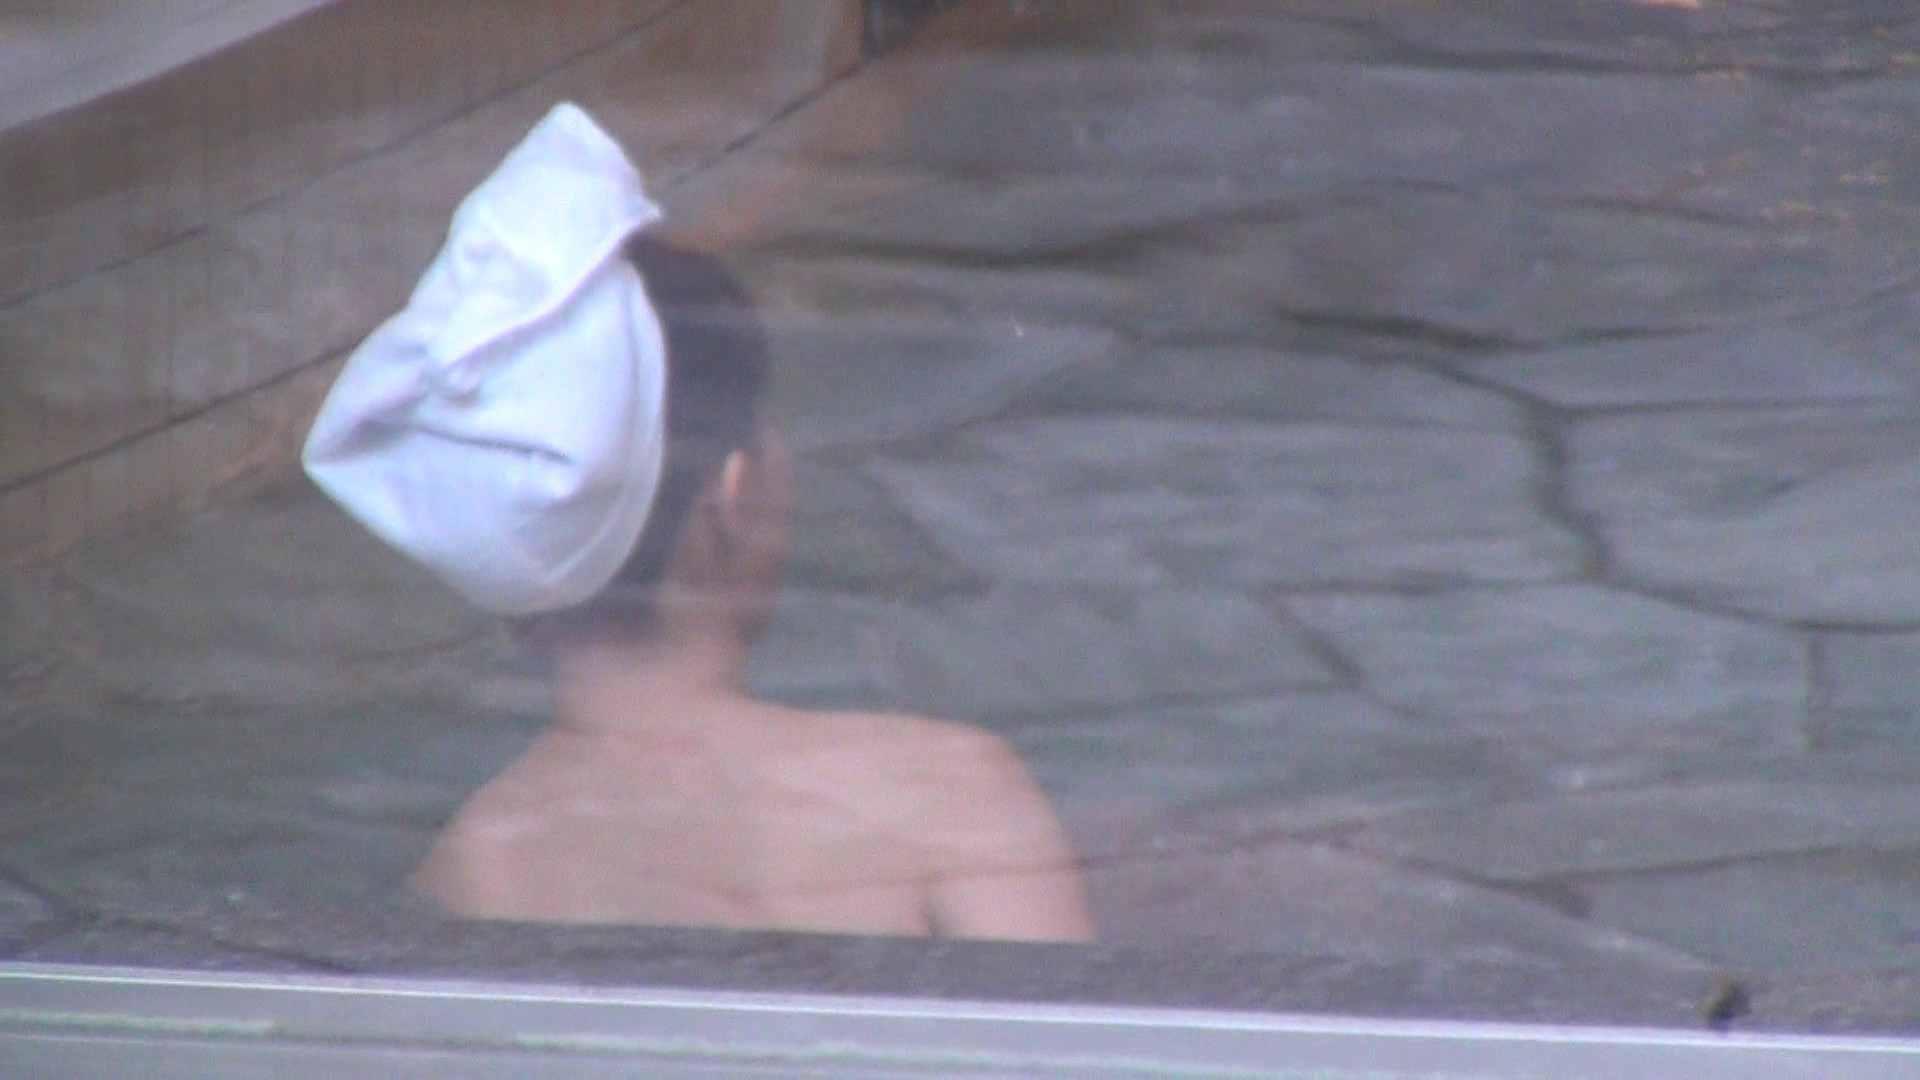 Vol.76 吸われ続けた乳首に年齢を感じますが、引き締まった身体 細身女性 AV無料動画キャプチャ 50画像 2